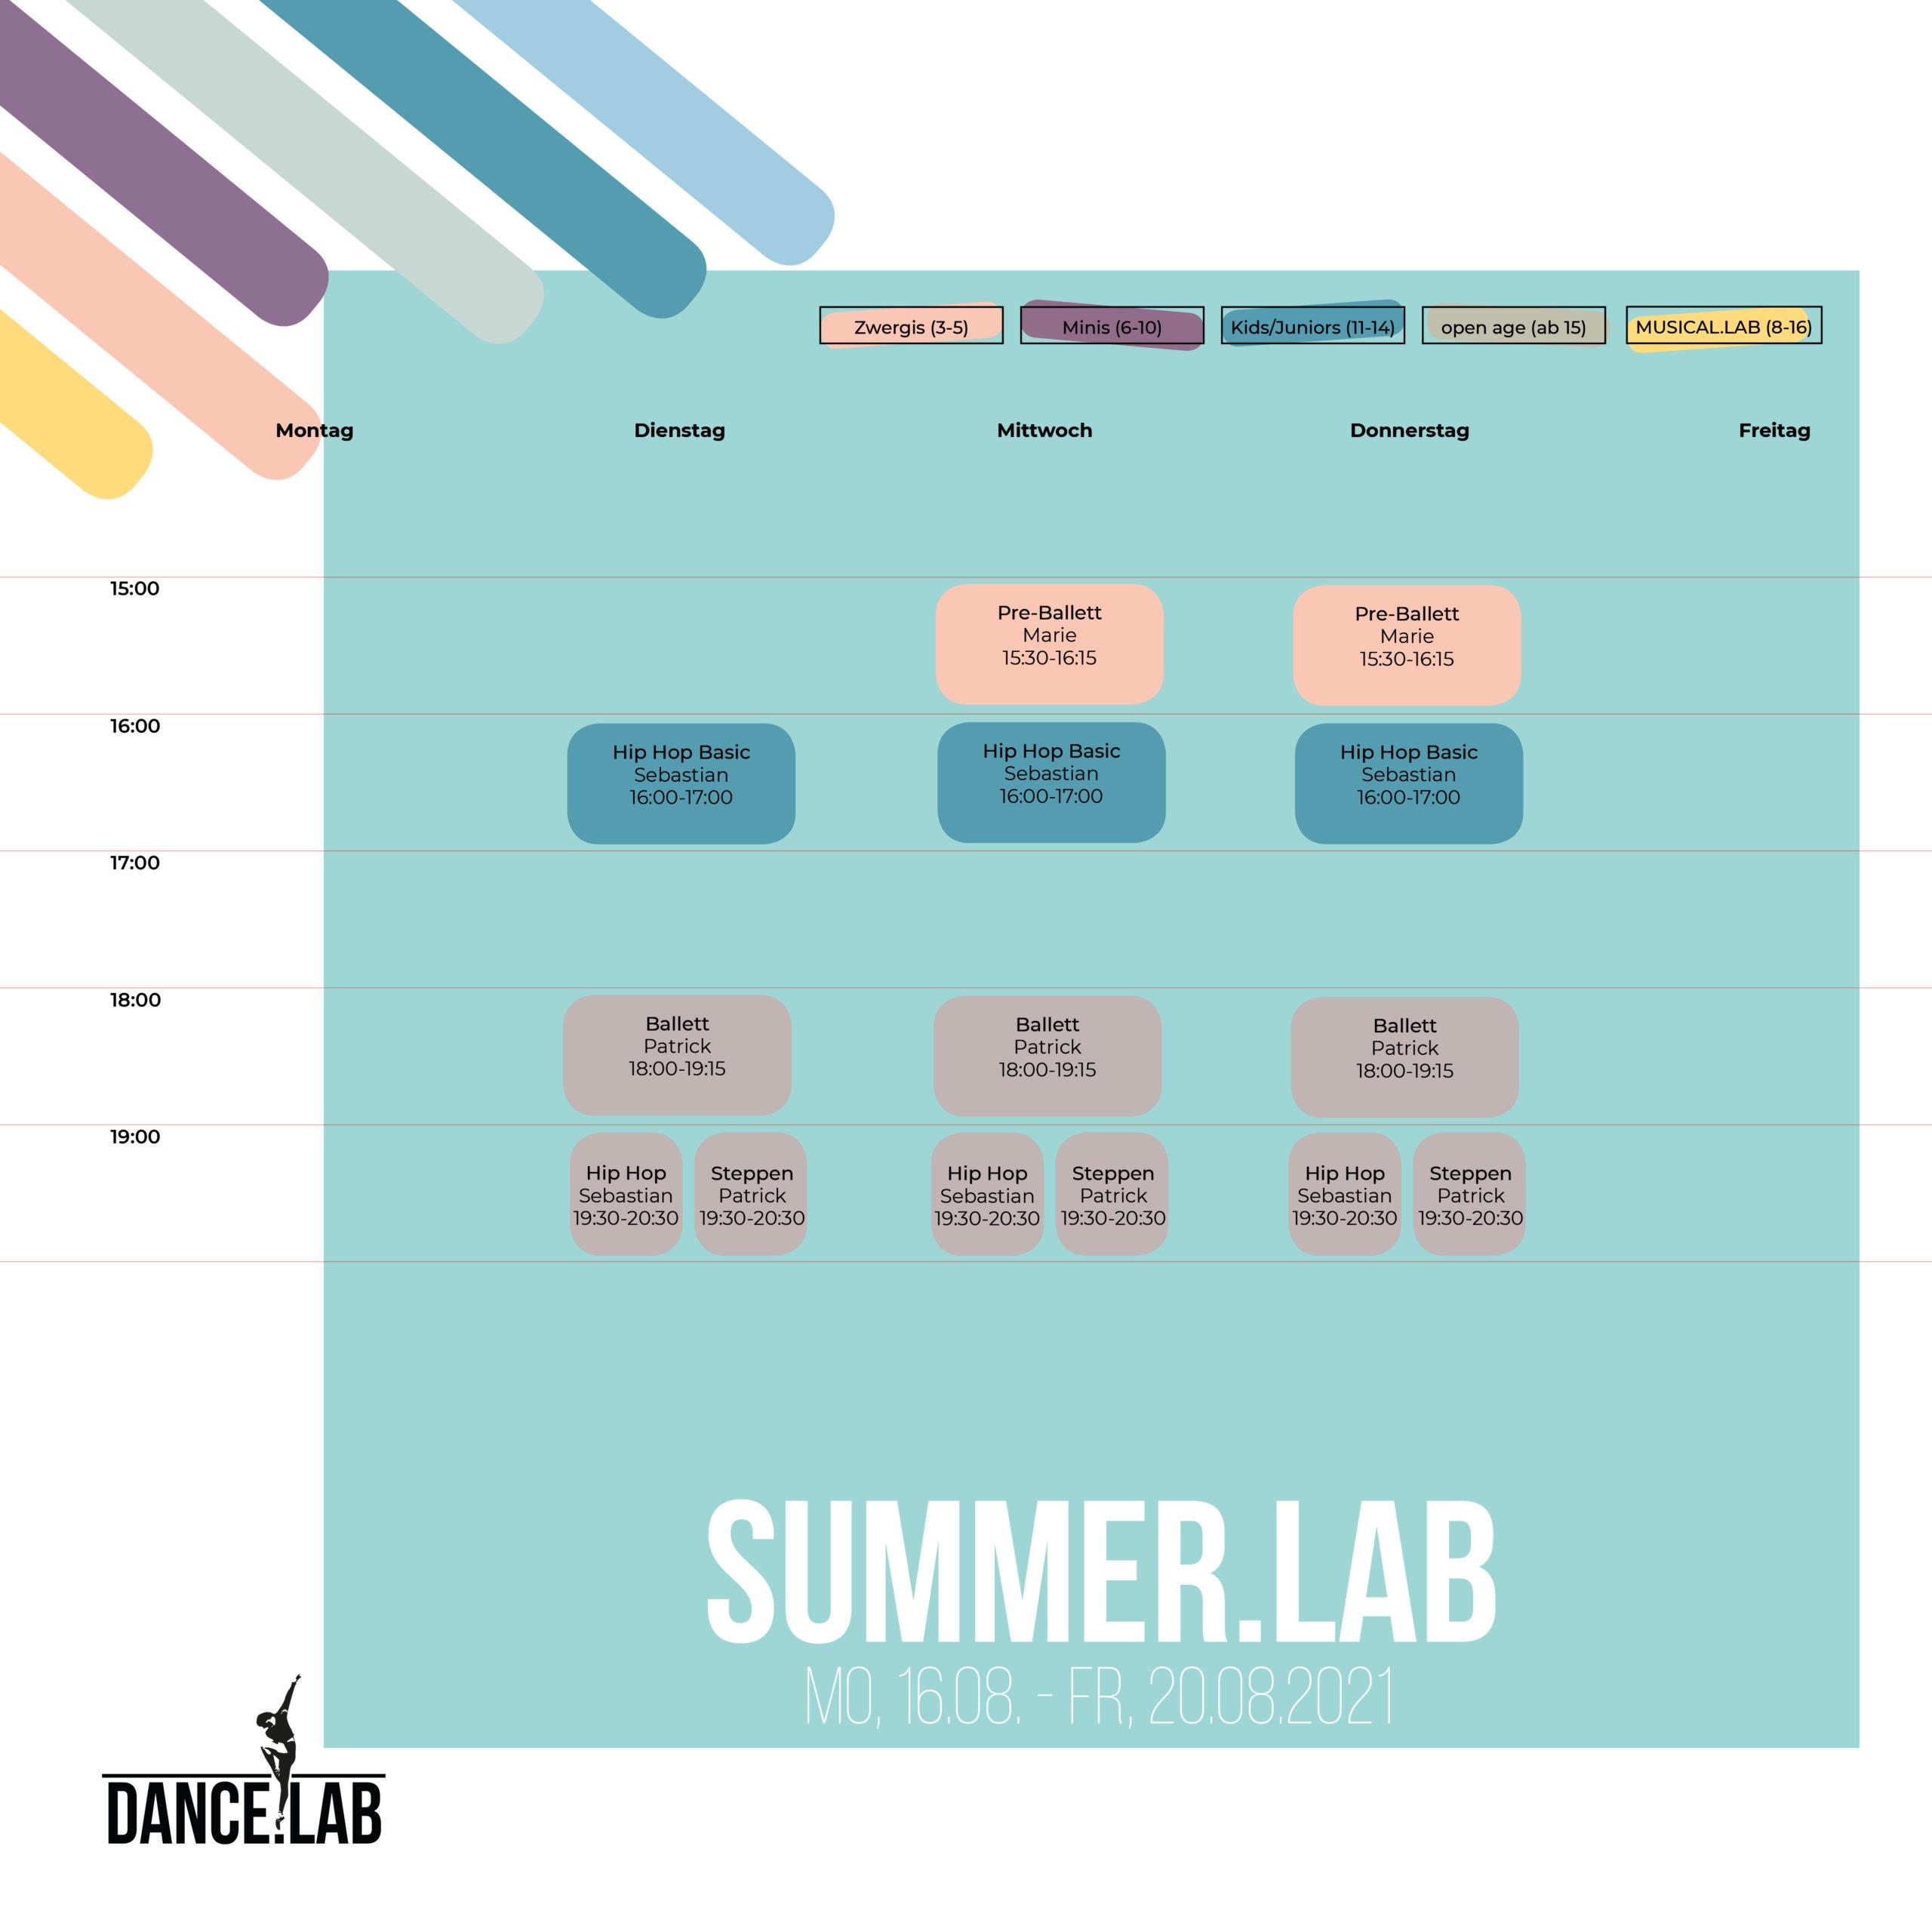 SUMMER.LAB - Woche 6